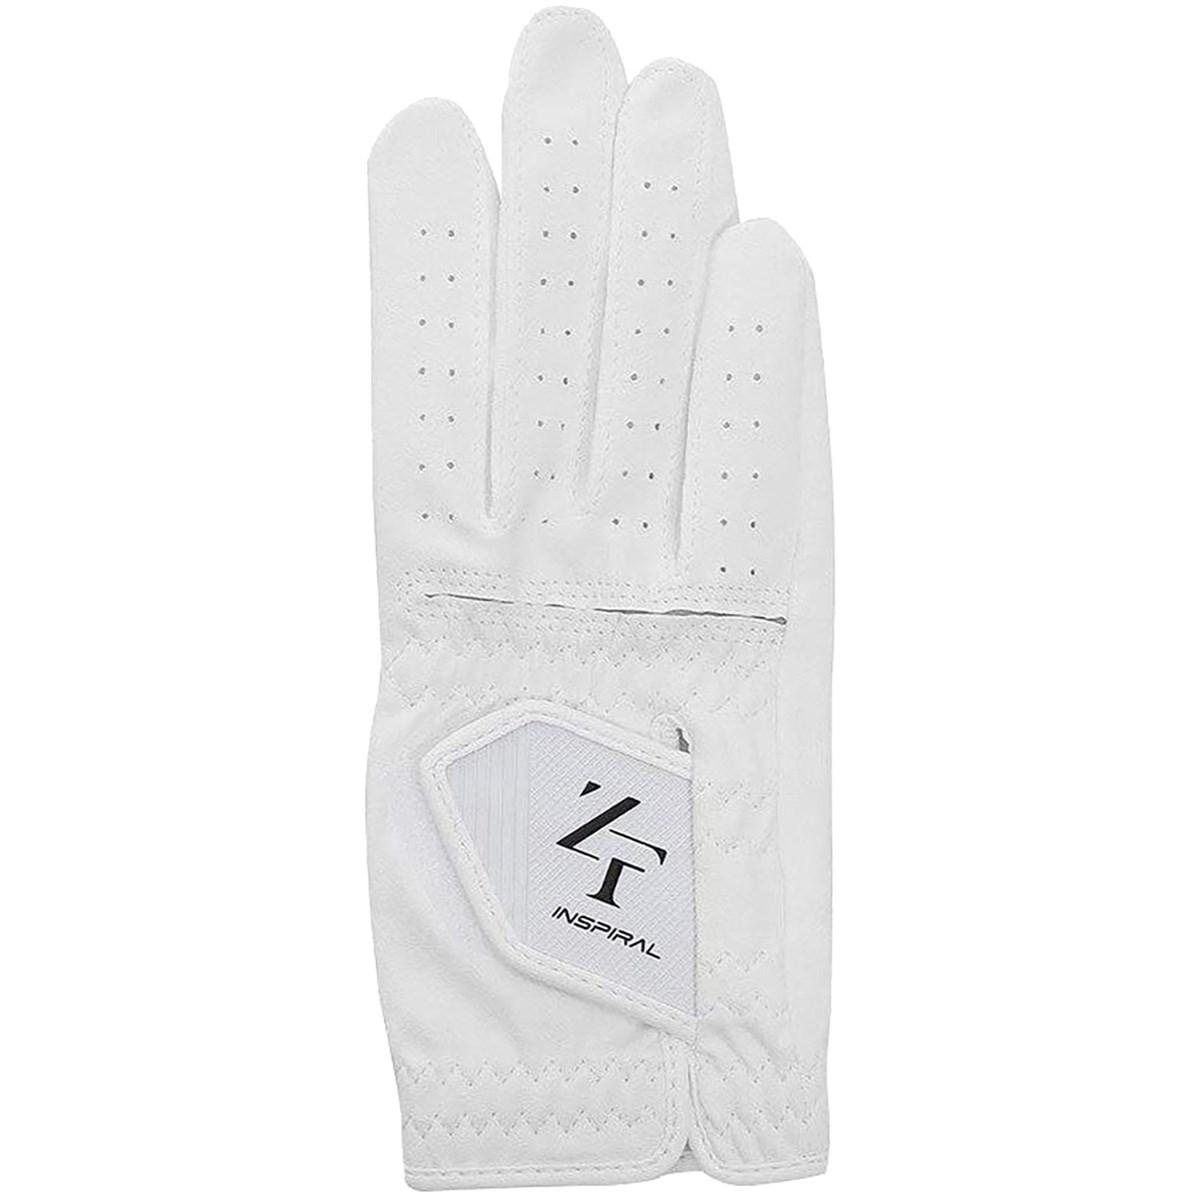 イオンスポーツ ZERO FIT インスパイラル ゴルフ グローブ レフティ 21cm 右手着用(左利き用) ホワイト